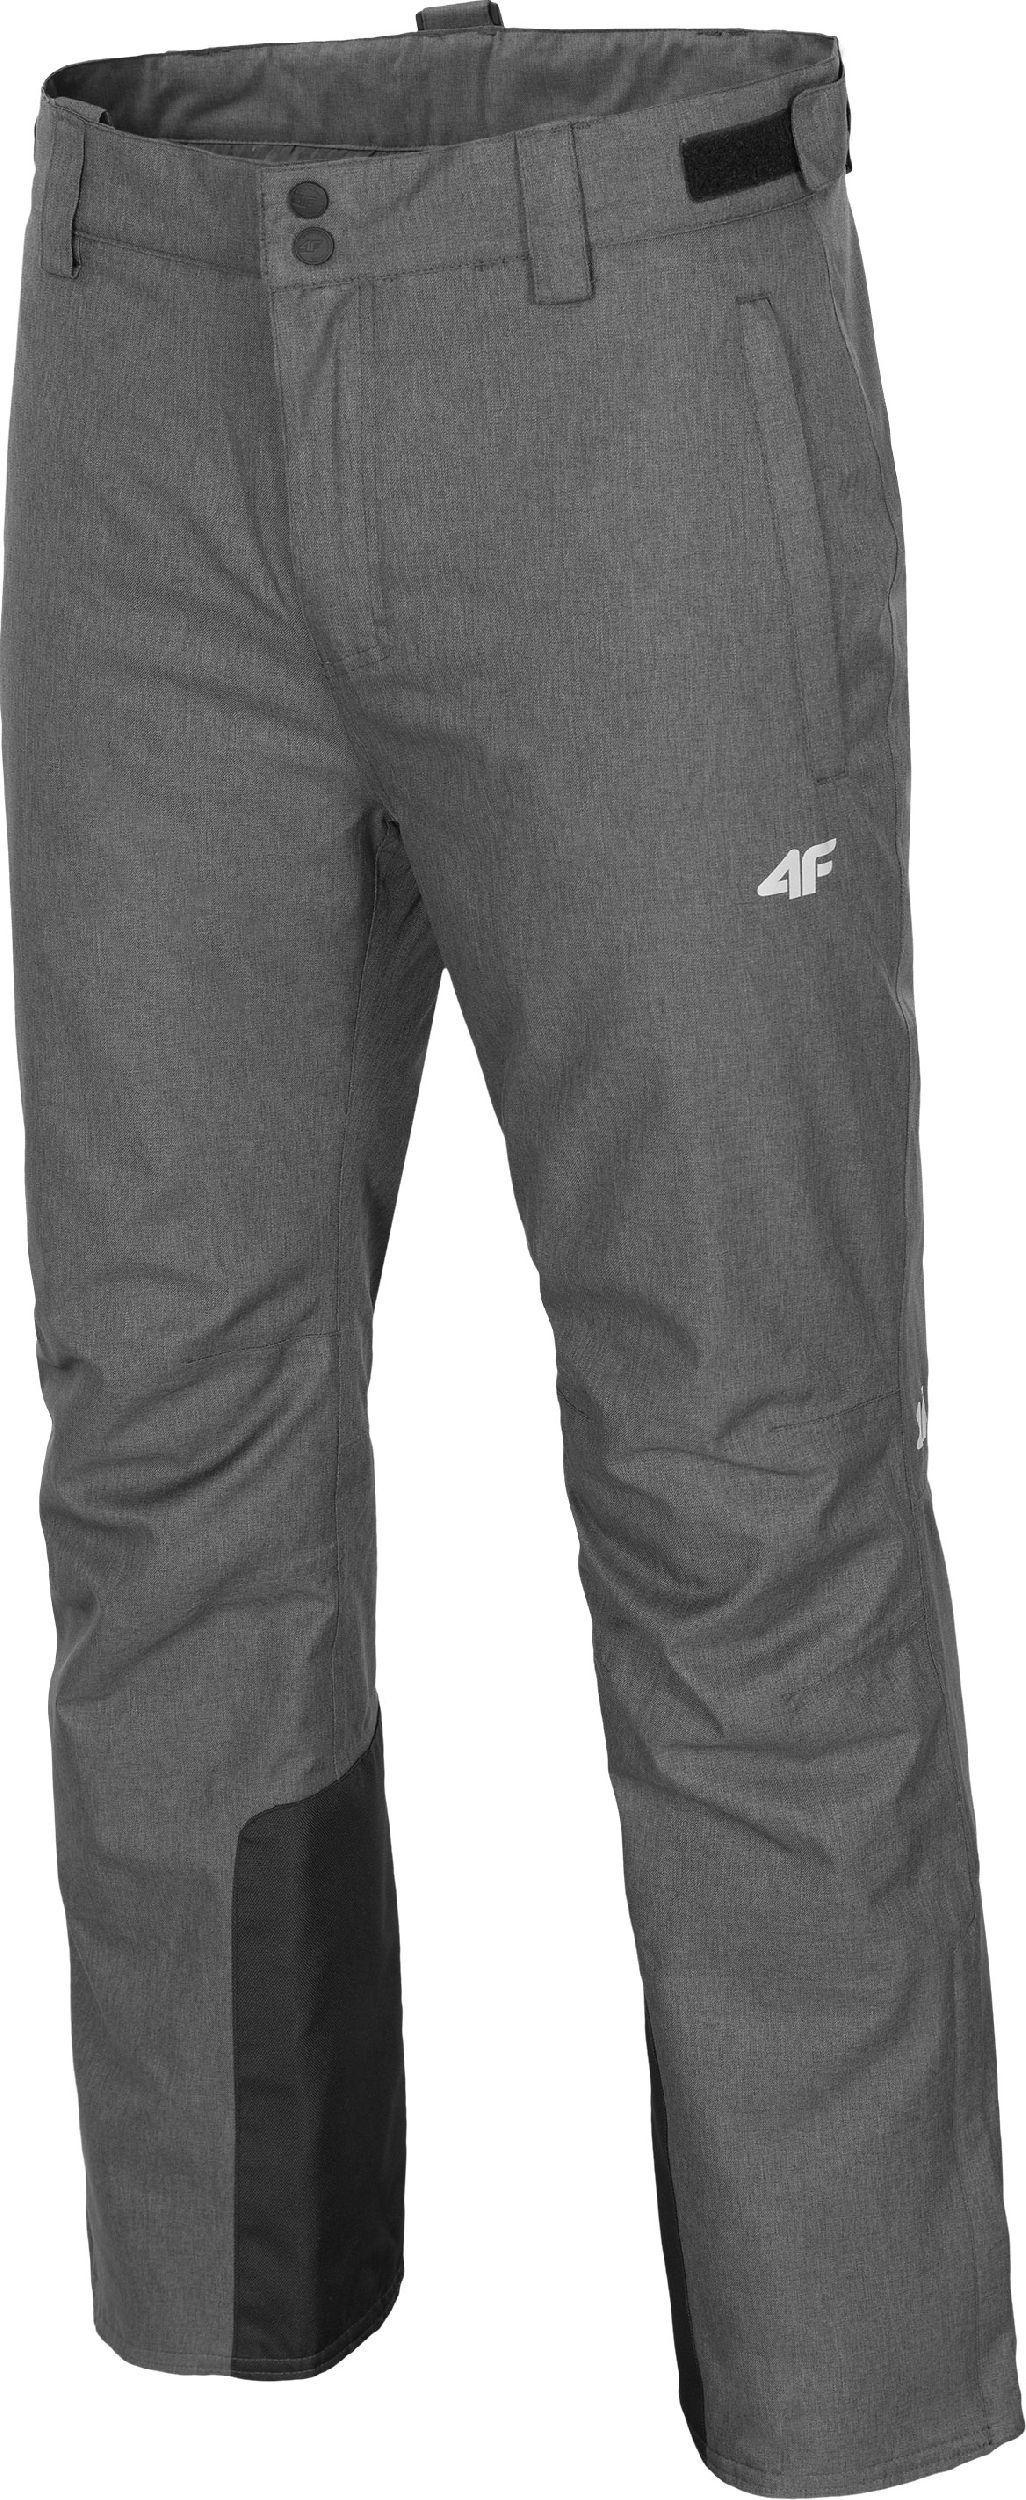 4f Spodnie narciarskie męskie H4Z18 SPMN001 szare r. L ID produktu: 4586072